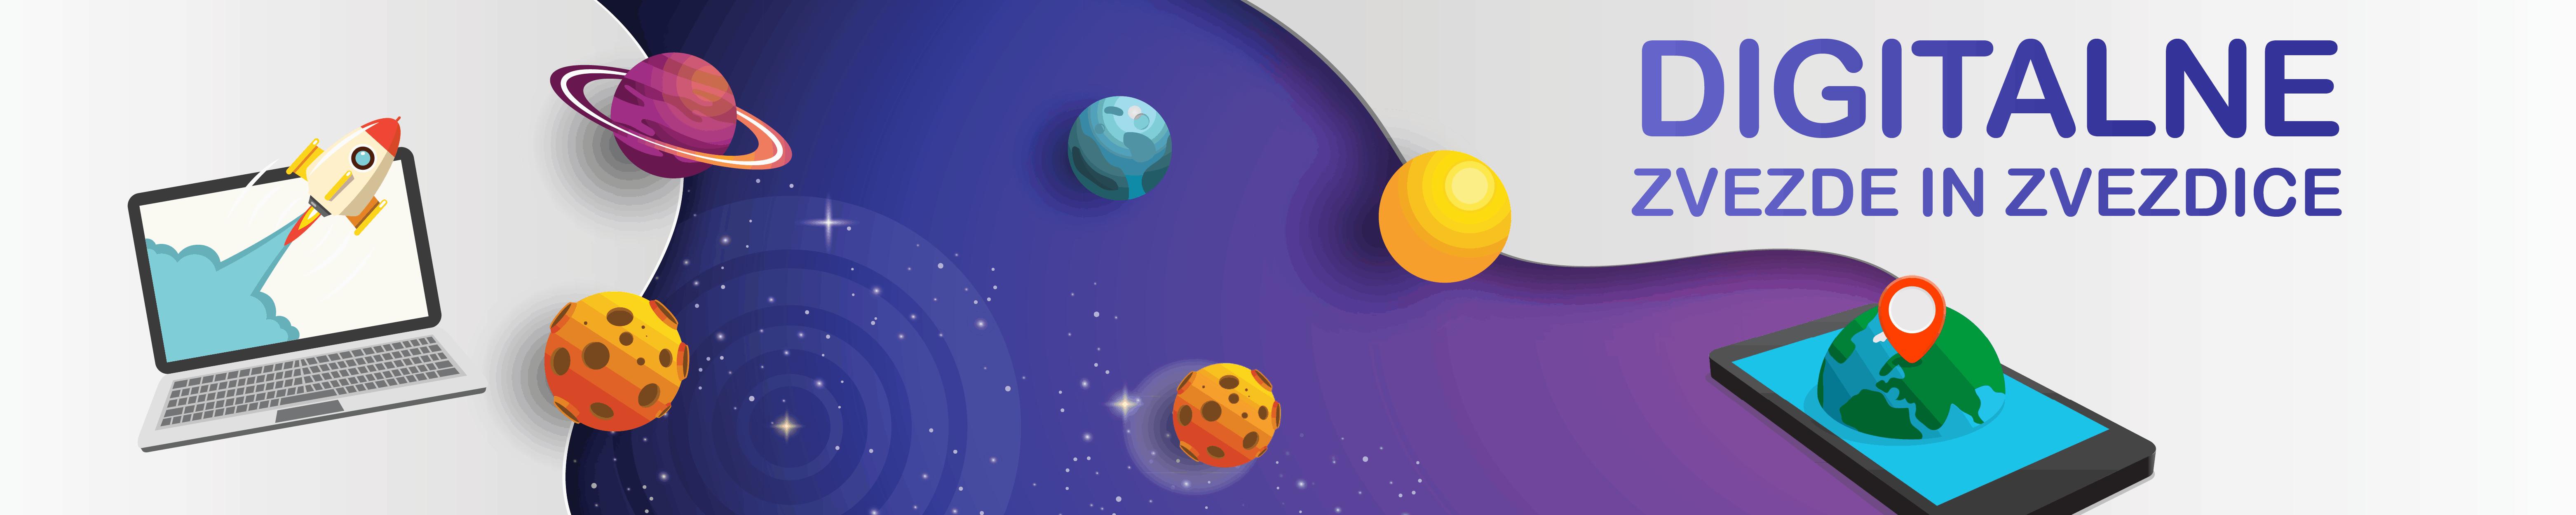 Digitalne zvezde in zvezdice